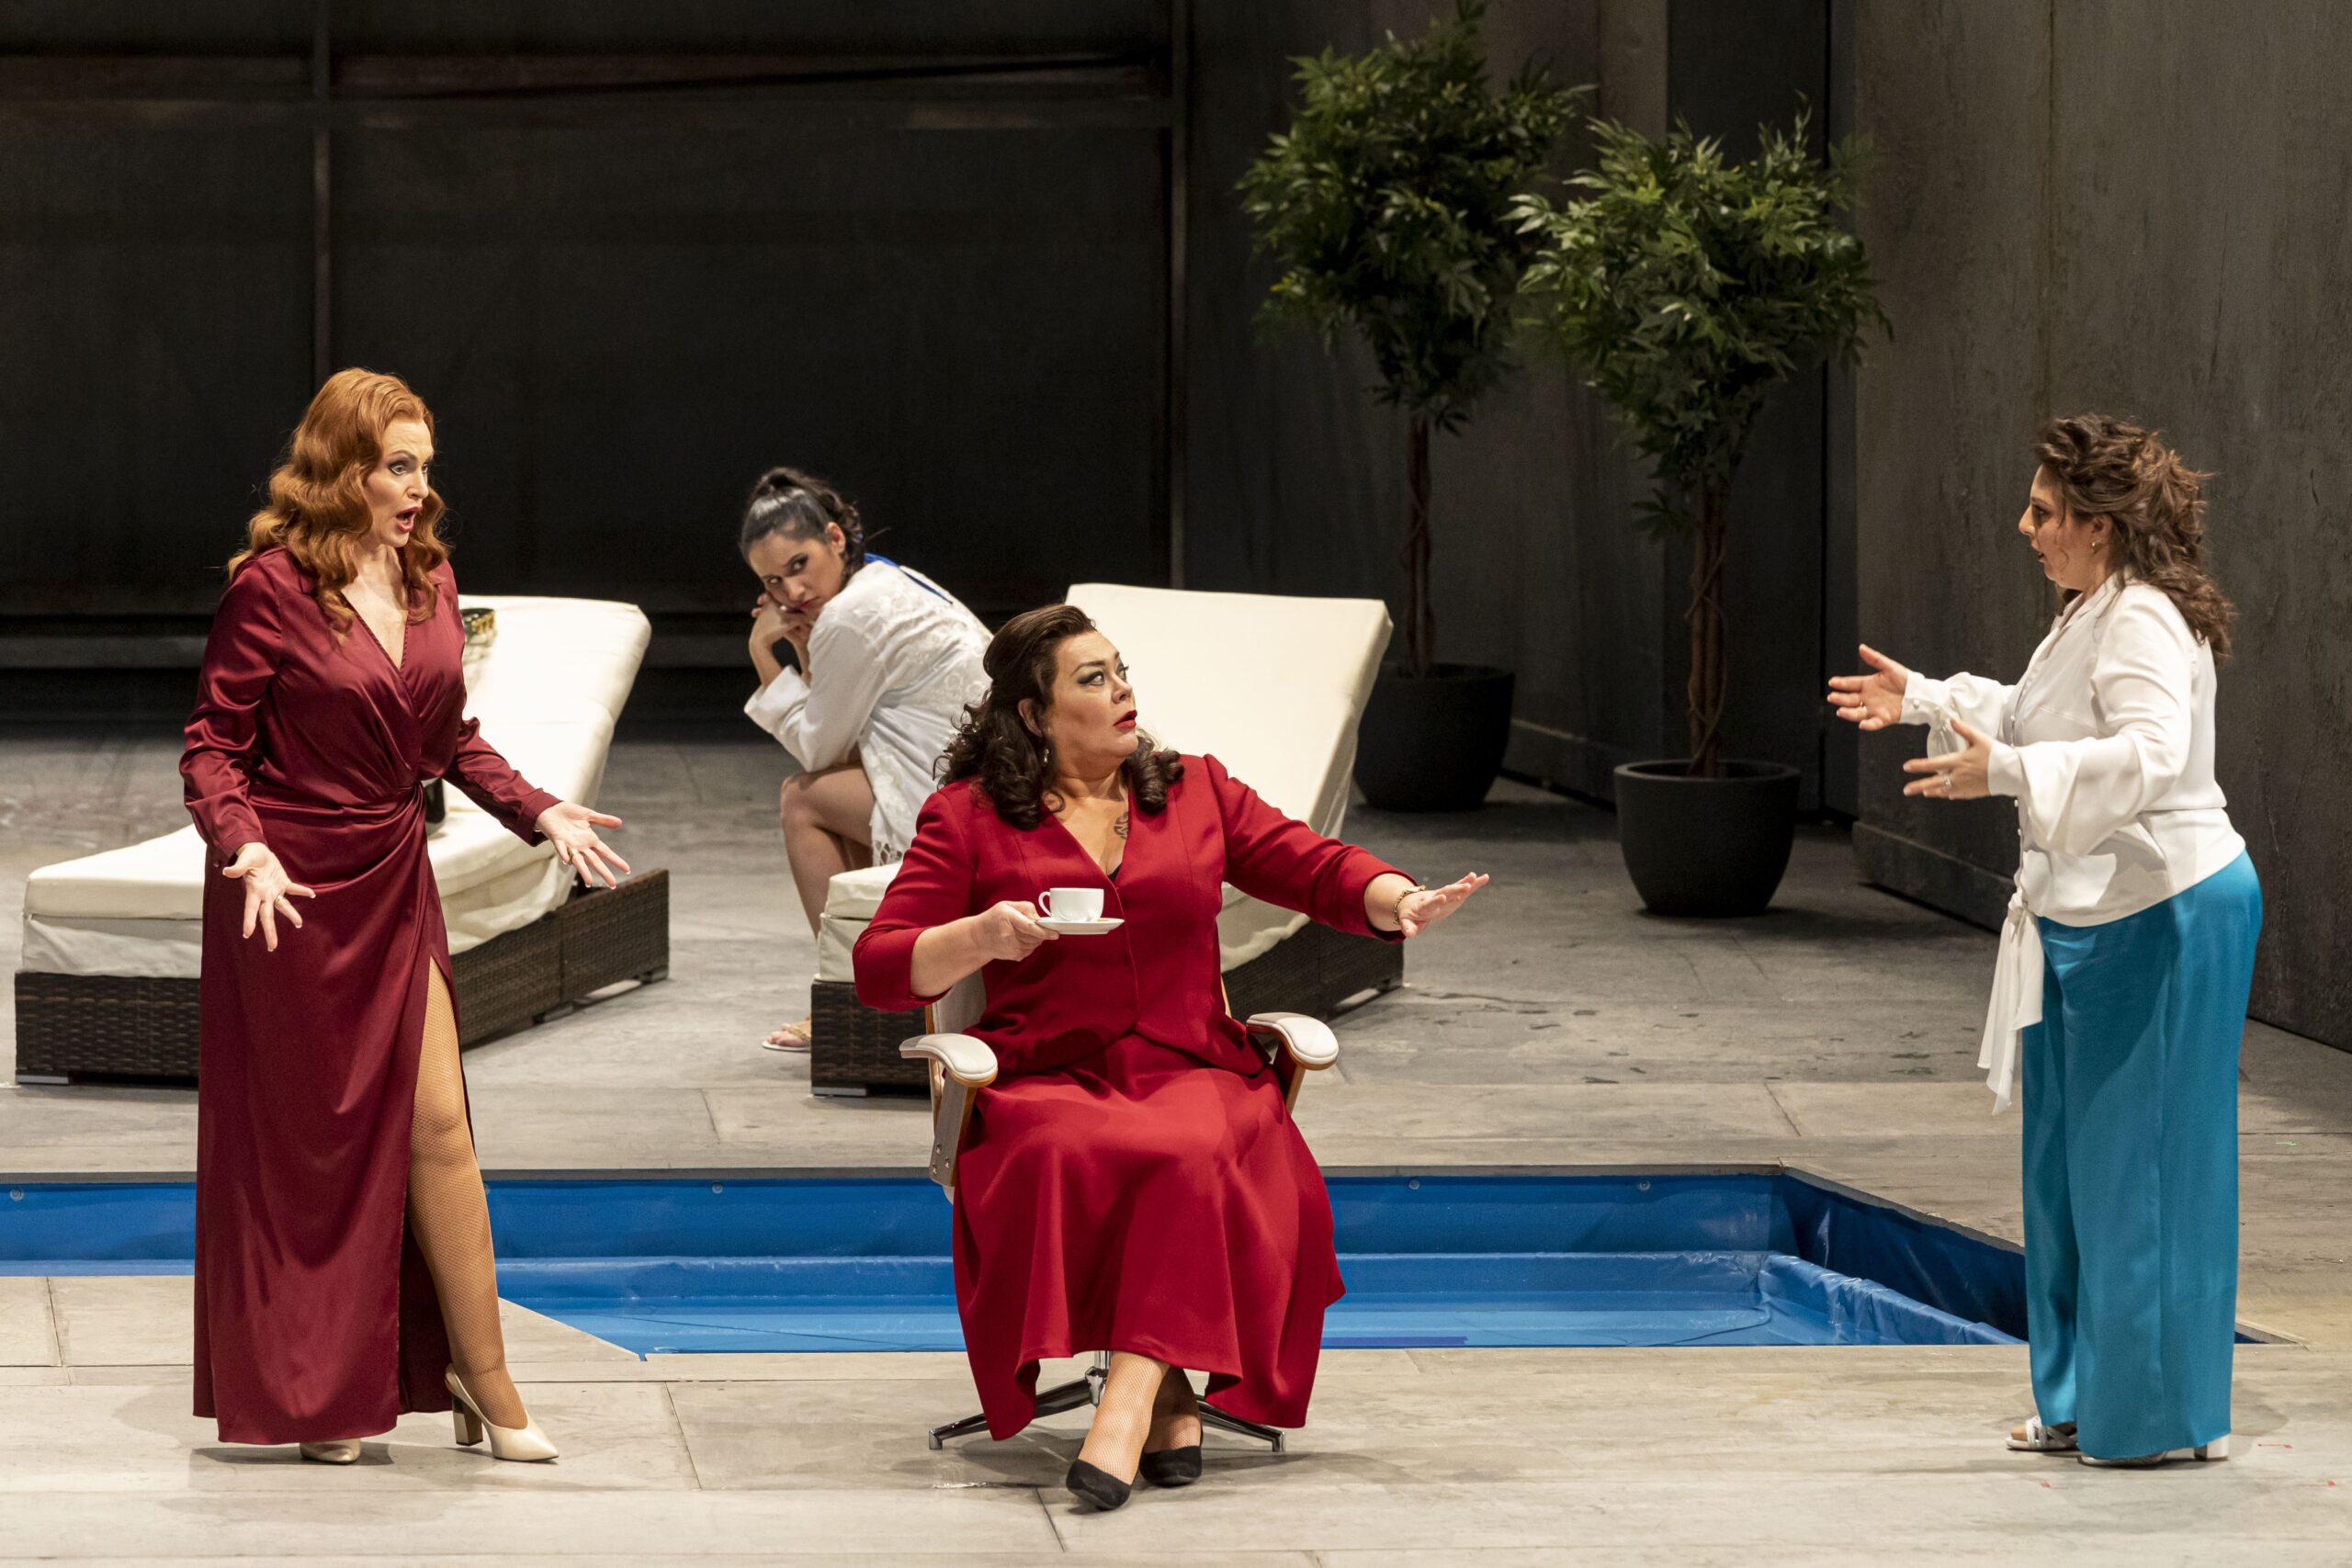 Les Arts estrena 'Falstaff', de Verdi, amb Ambrogio Maest